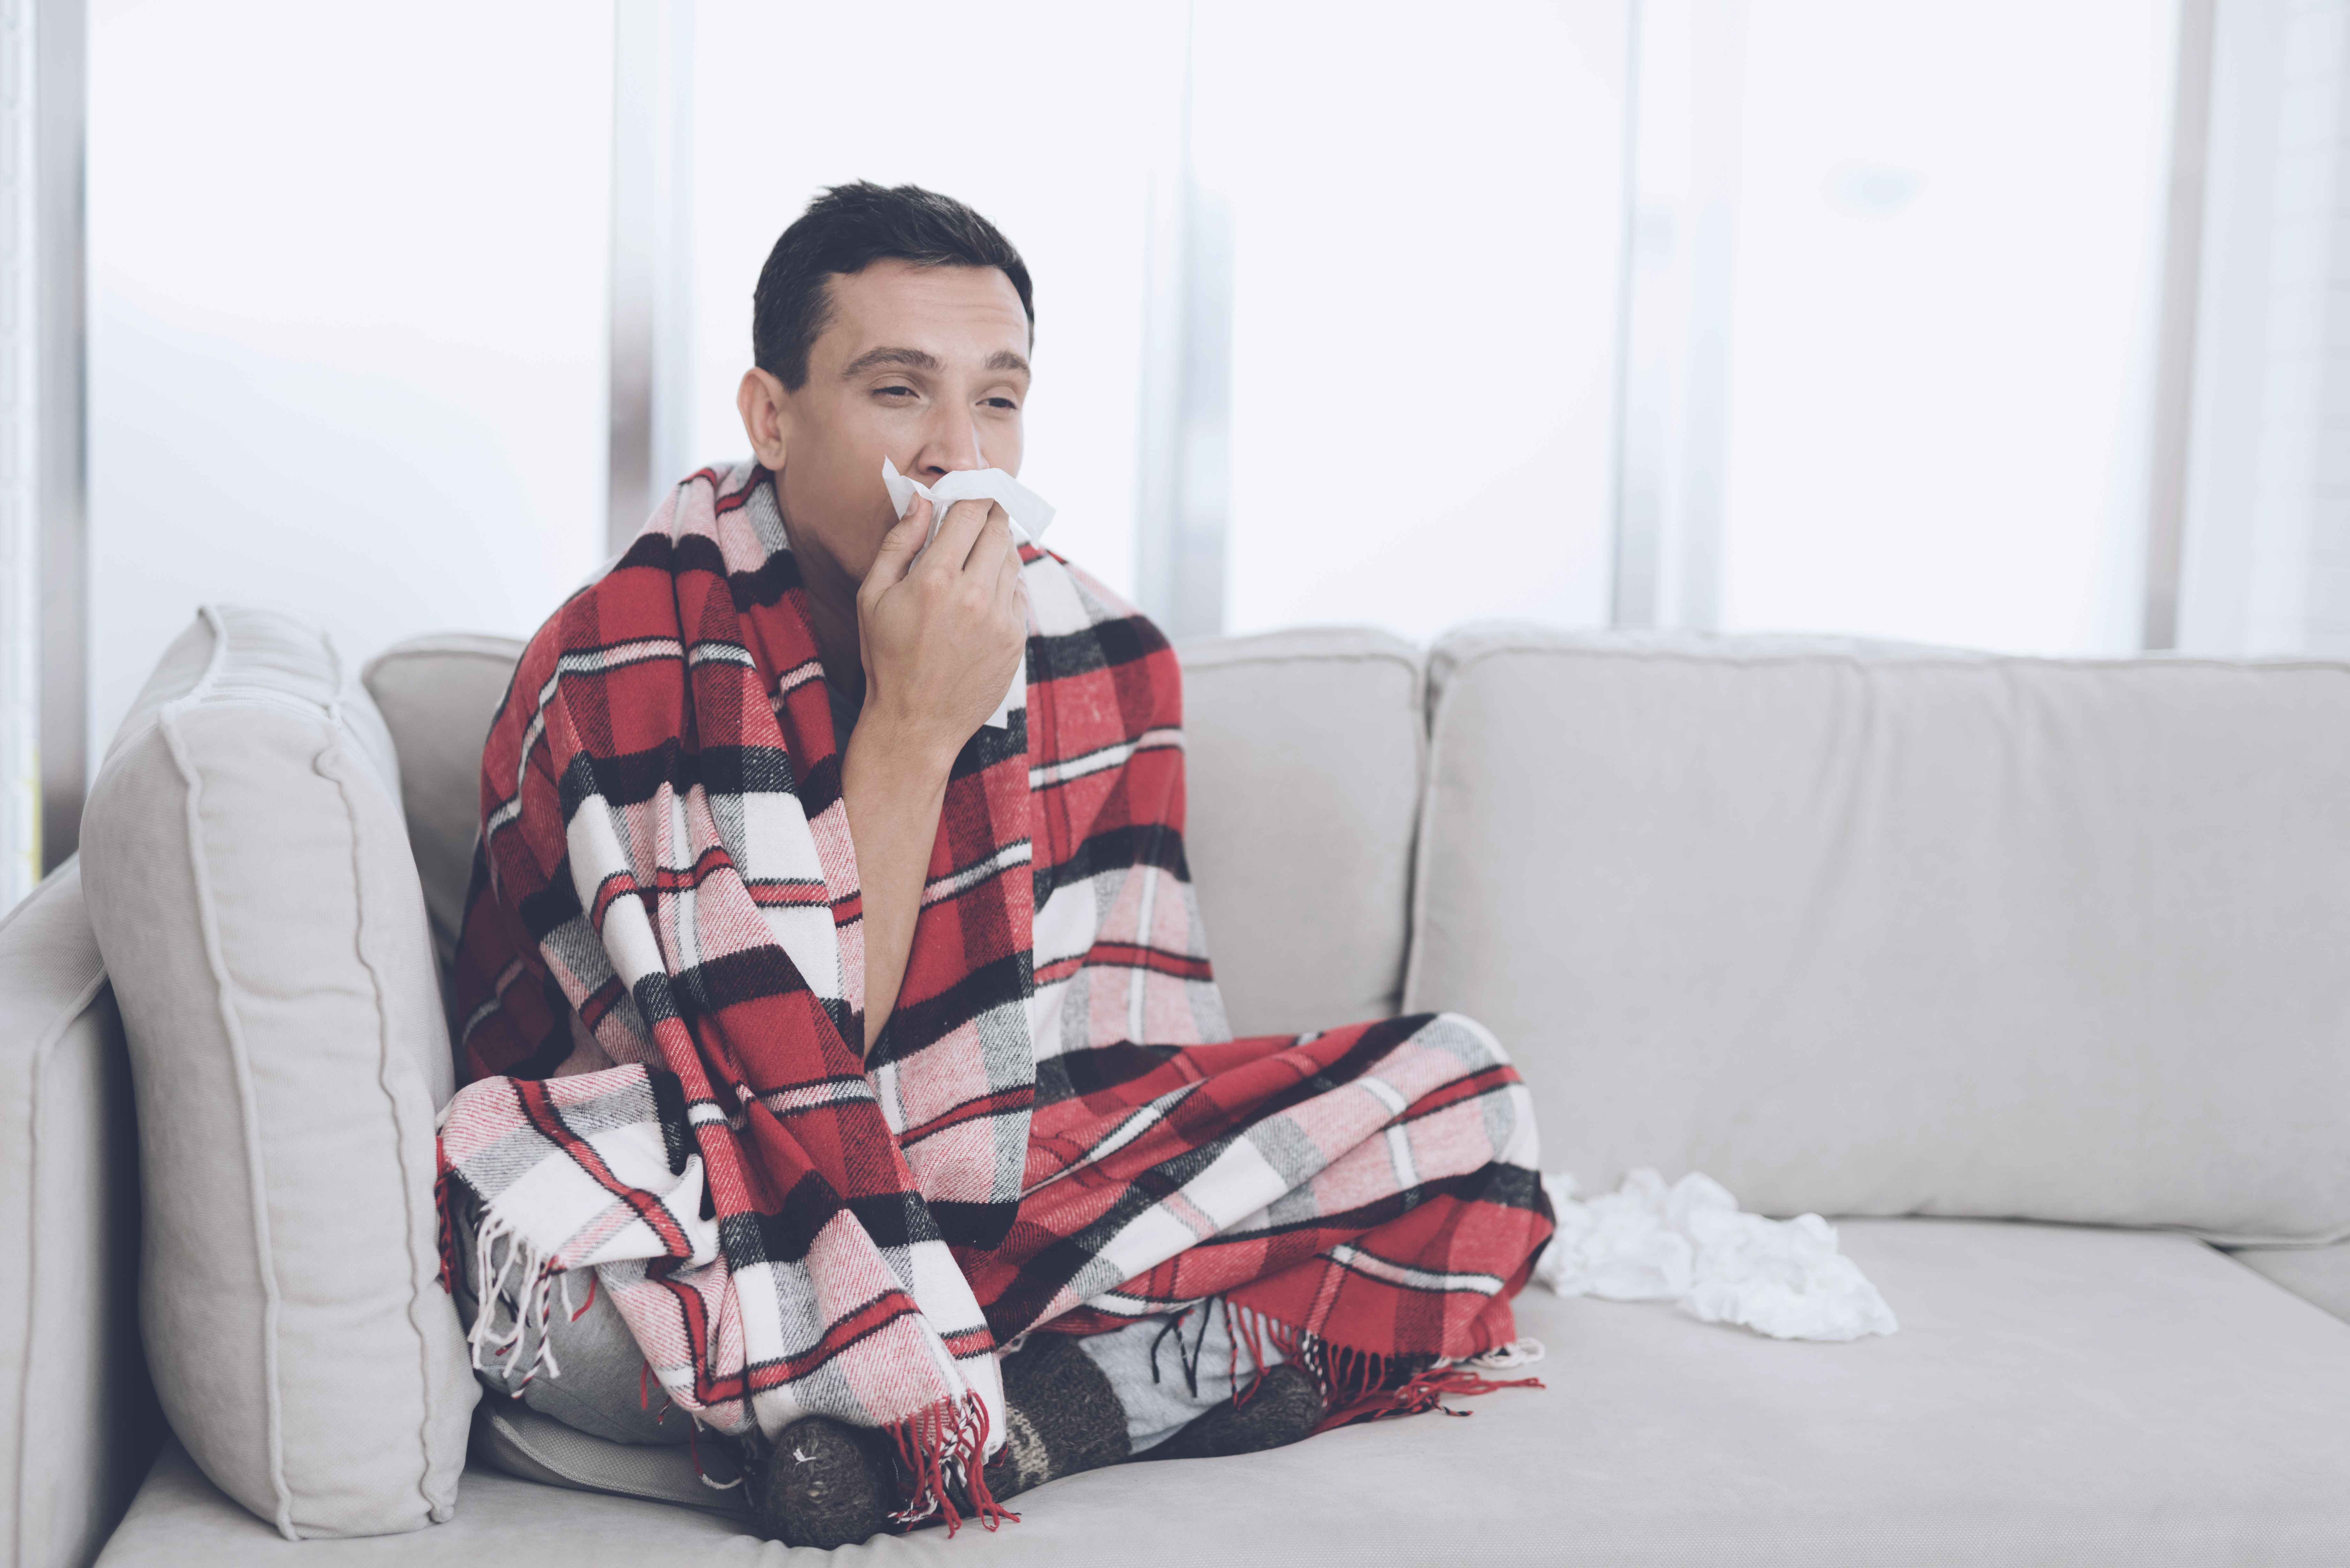 Lika väl att man som frisk bör undvika kontakt med redan förkylda bör man som förkyld undvika kontakt med friska personer. Man gör ingen på jobbet en tjänst om du i 38,5, eller högre, graders feber släpar sig till jobbet.